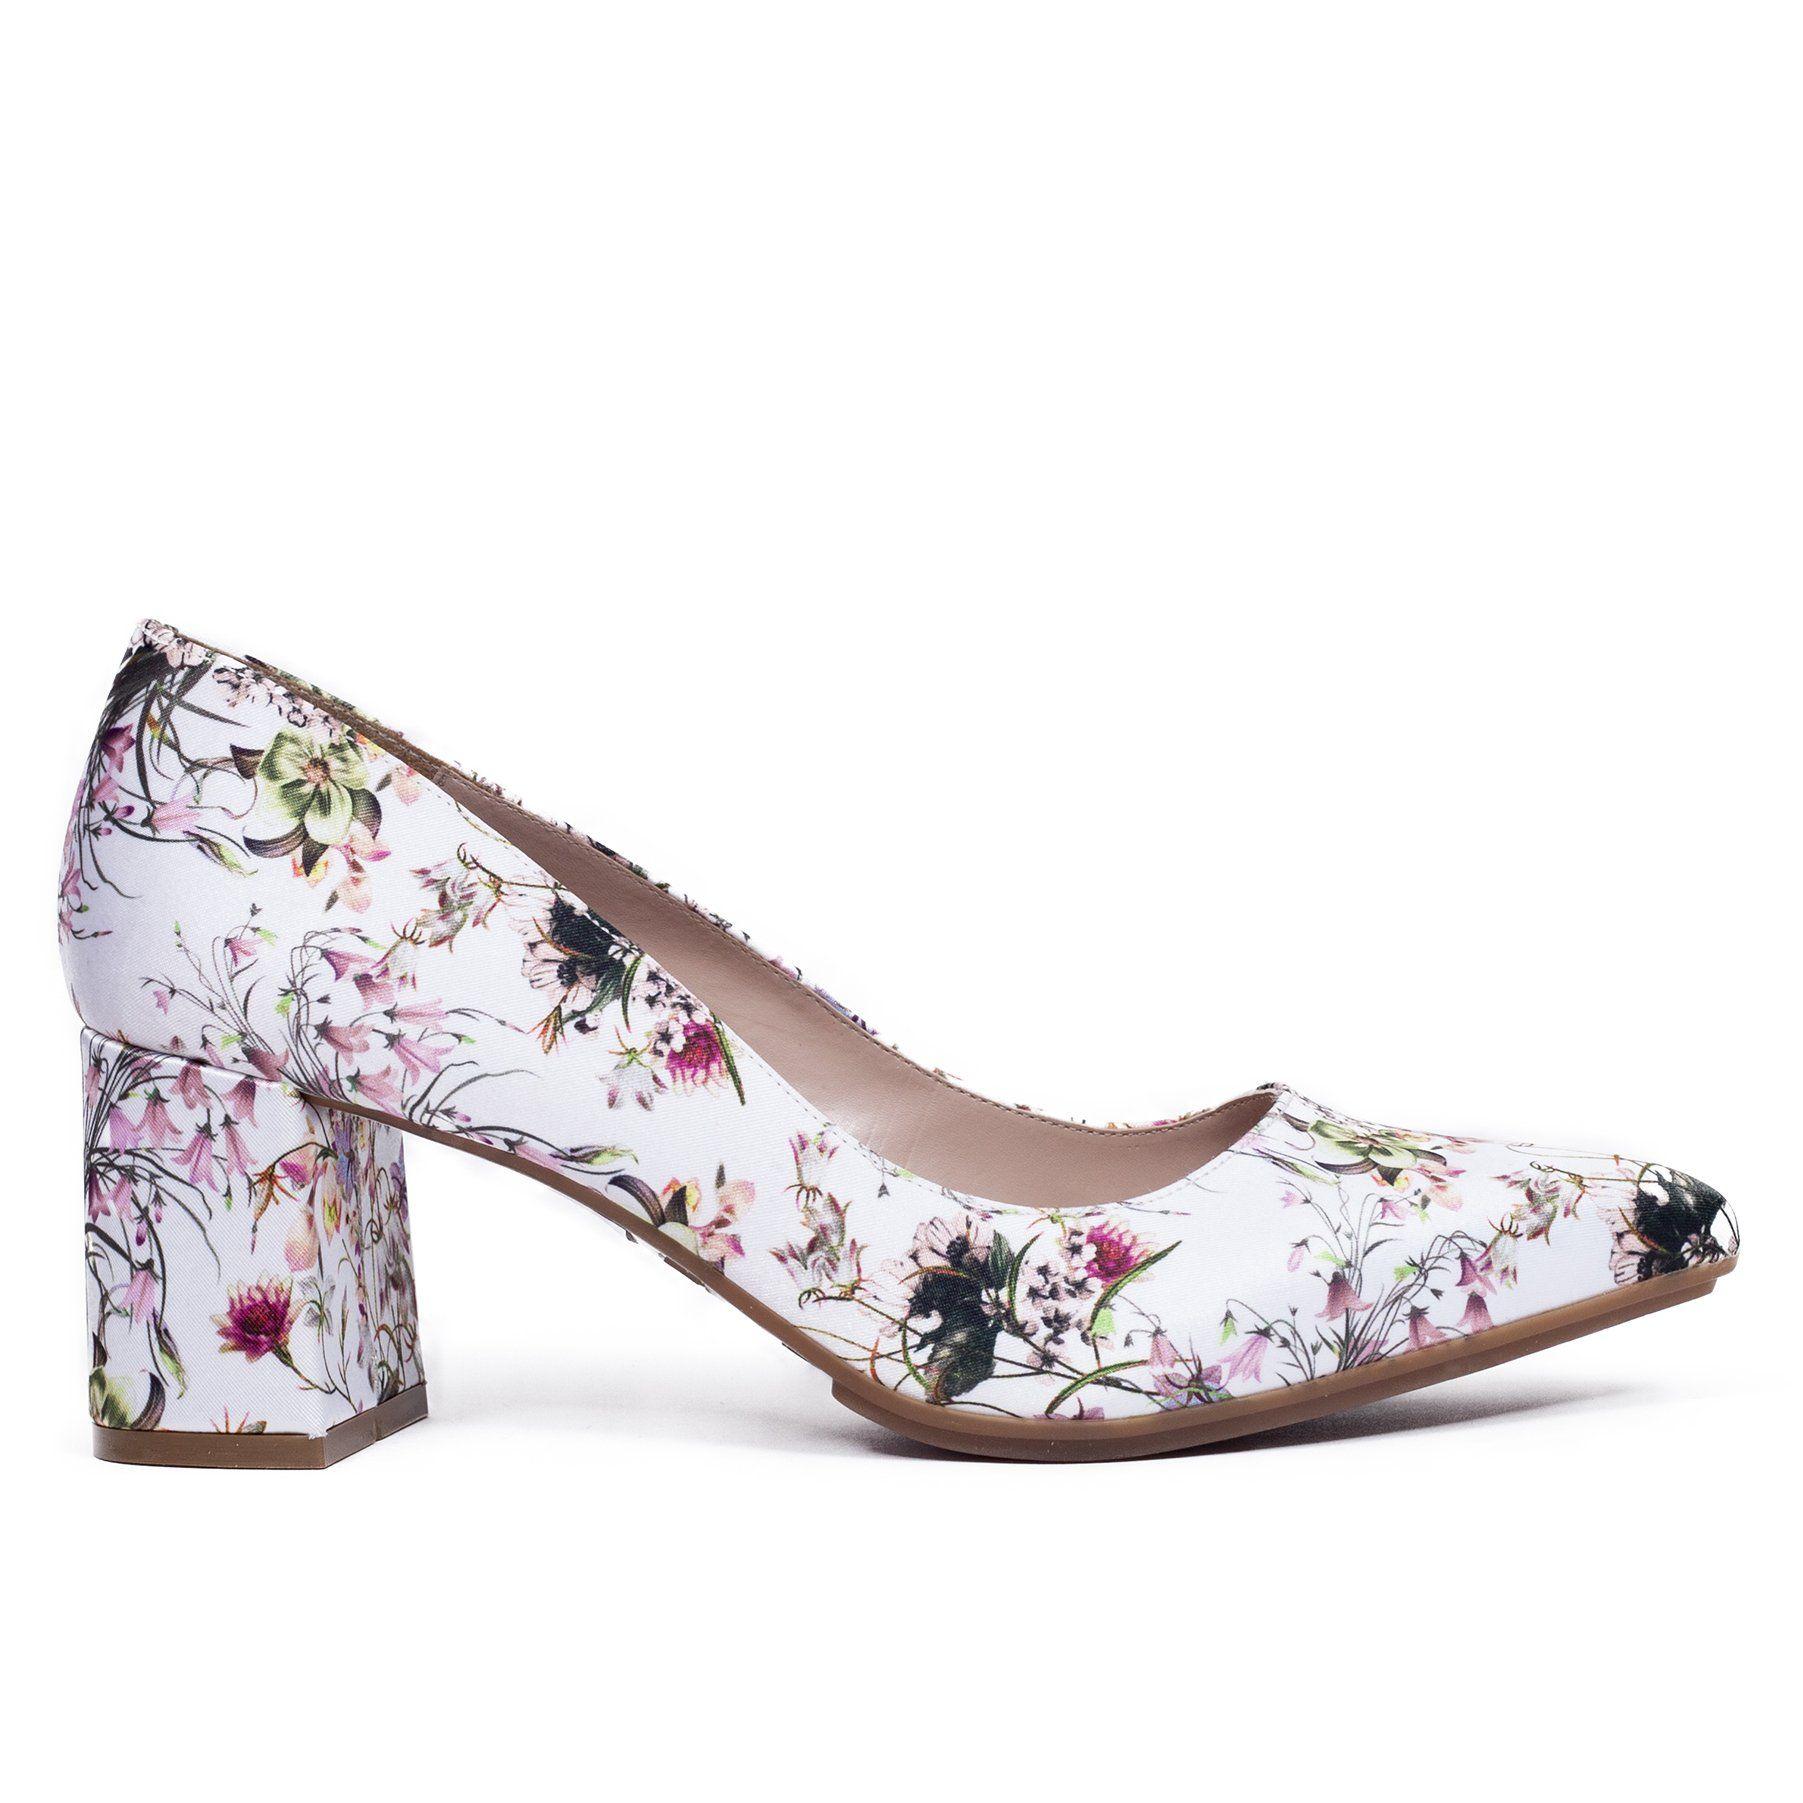 Zapato de salón tacón bajo mujer BLANCO FLORES – miMaO Spain